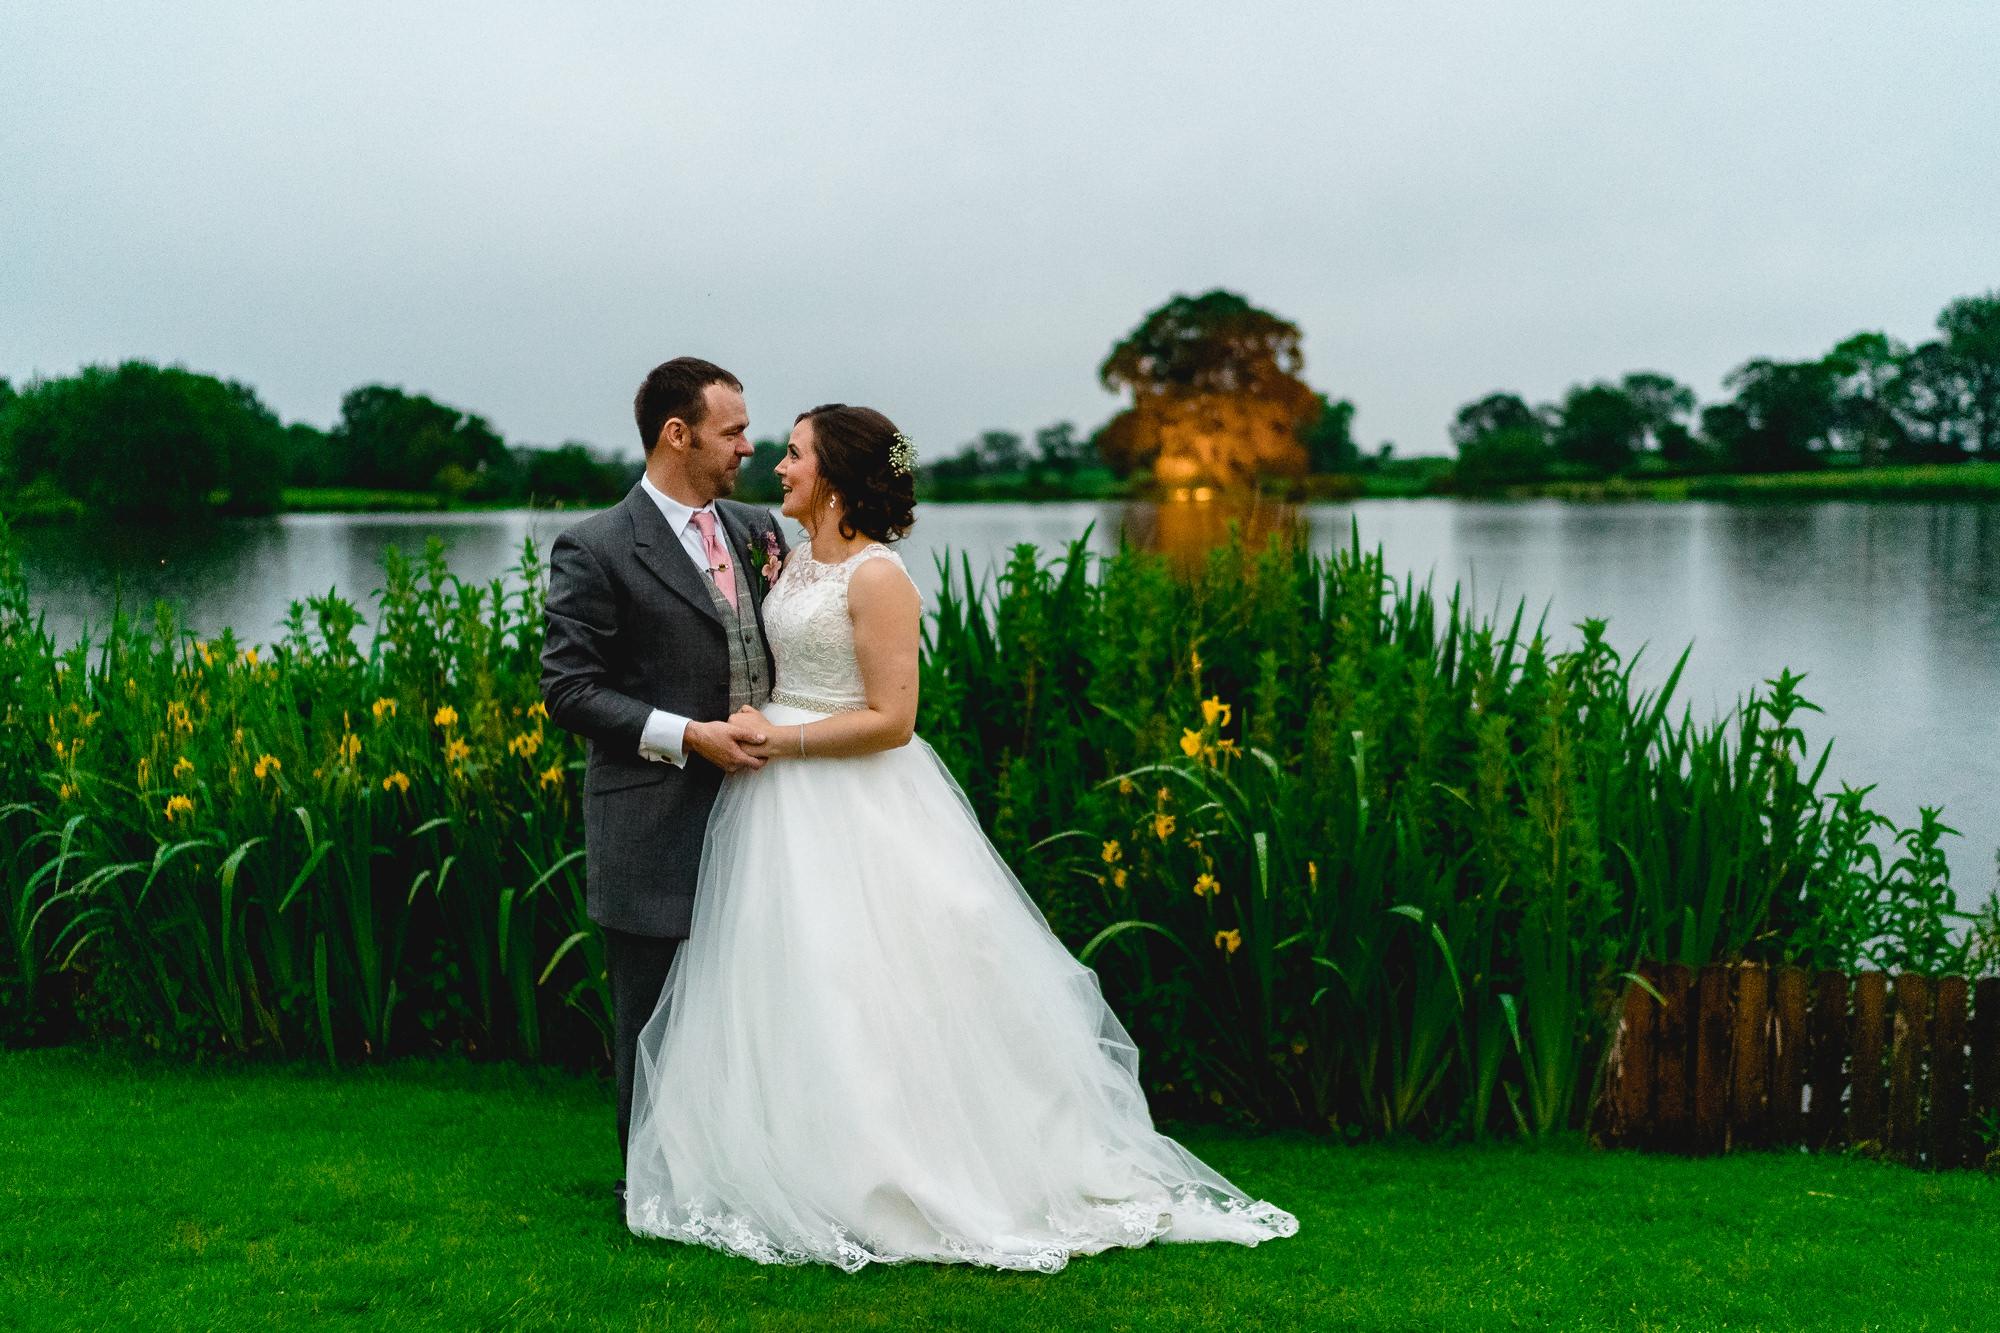 Sandhole-Oak-Barn-Wedding-Photographer_0034.jpg